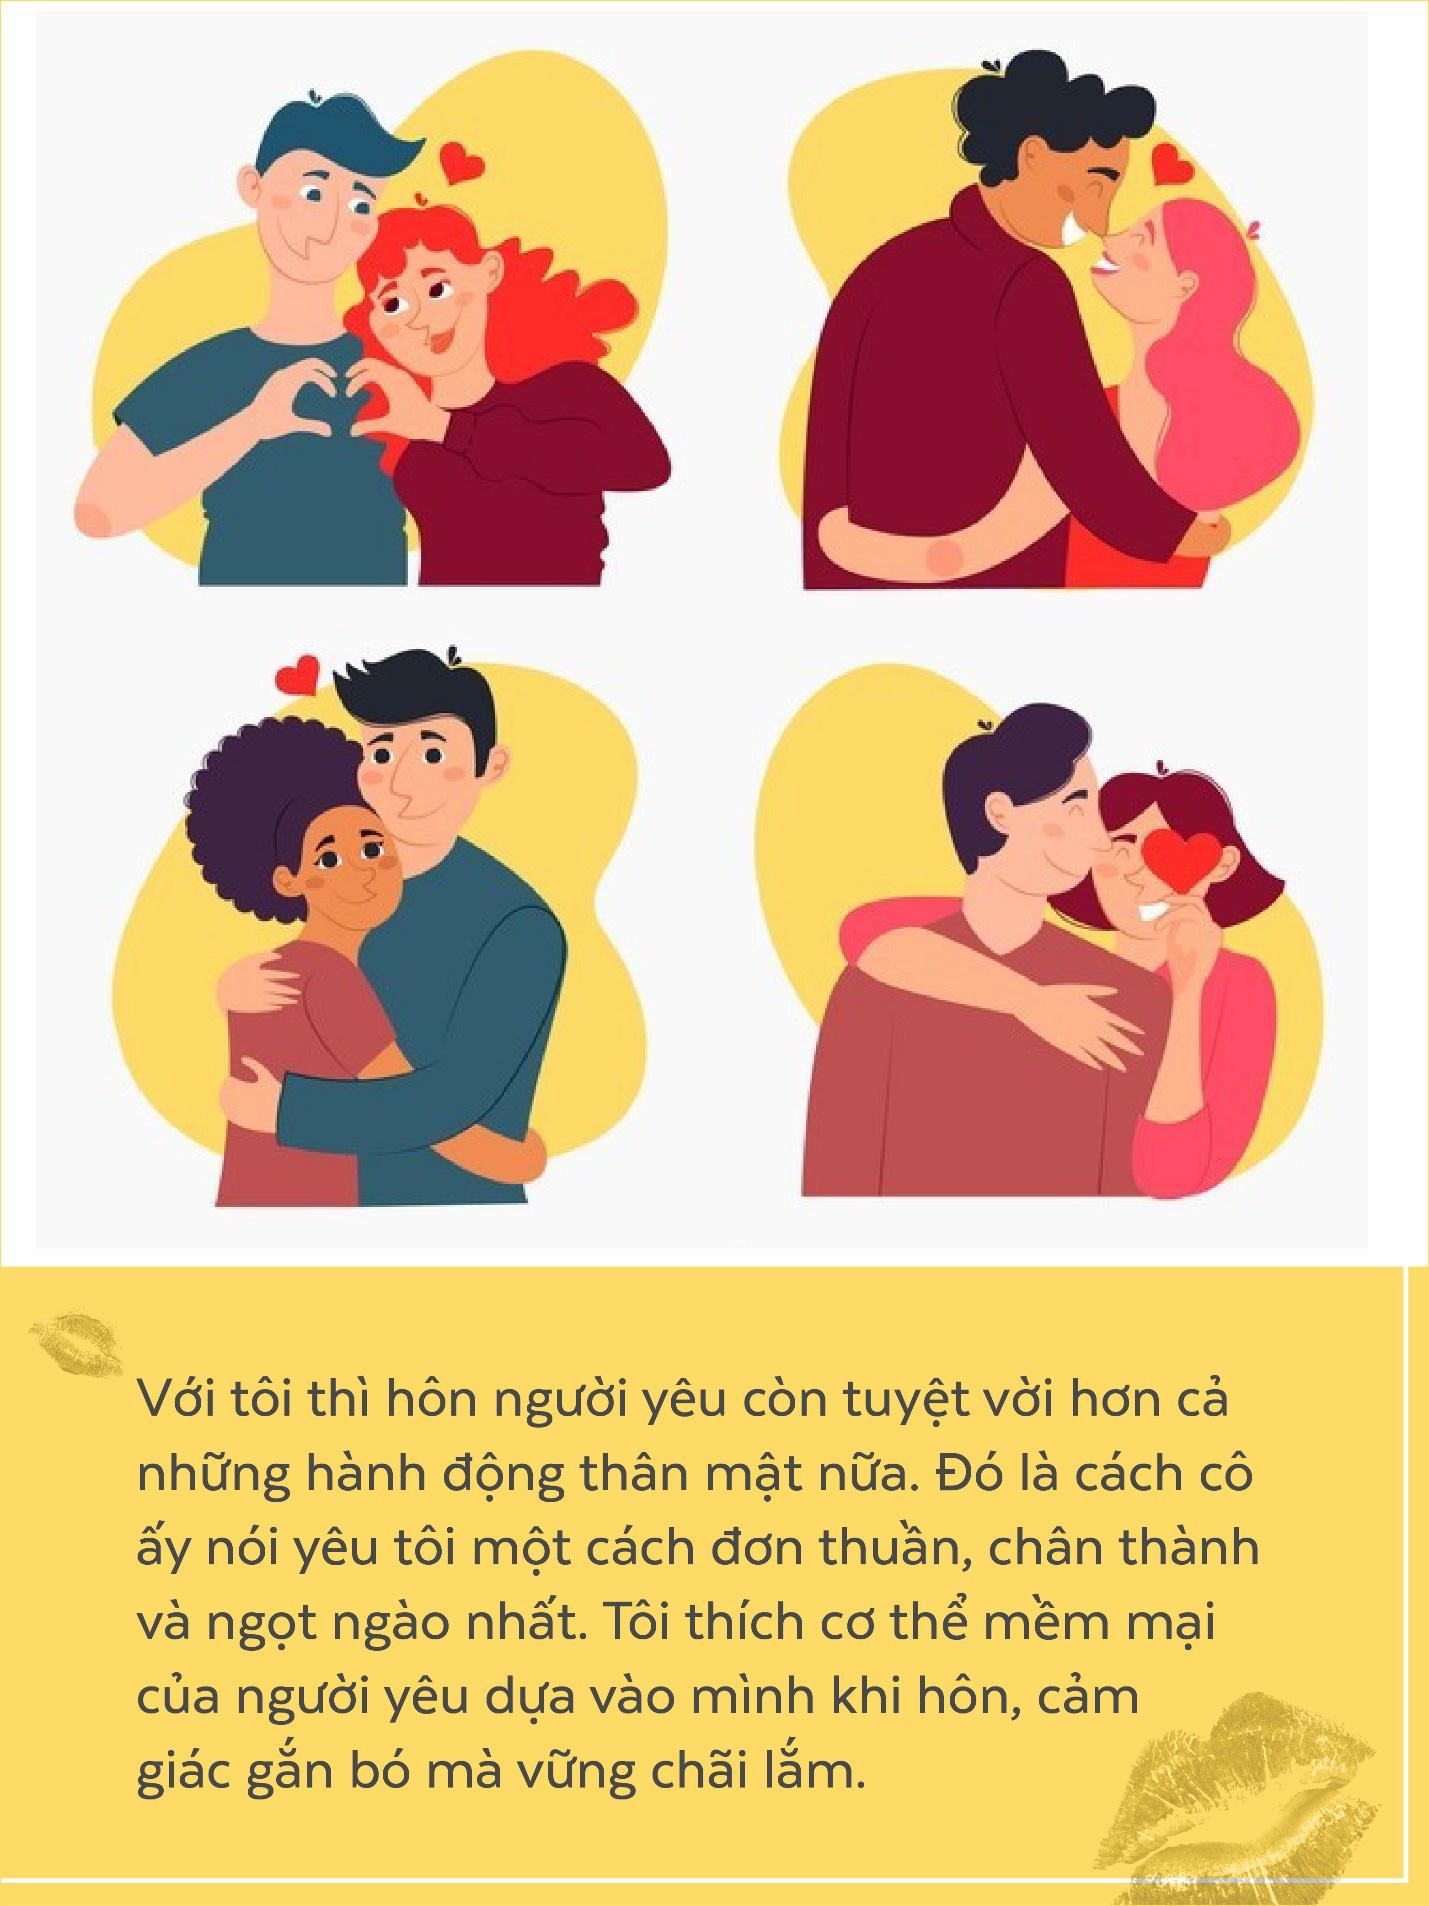 Nụ hôn đâu chỉ là cái chạm môi, với con trai, điều ấy còn ẩn chứa cả ngàn ý nghĩa - Ảnh 1.